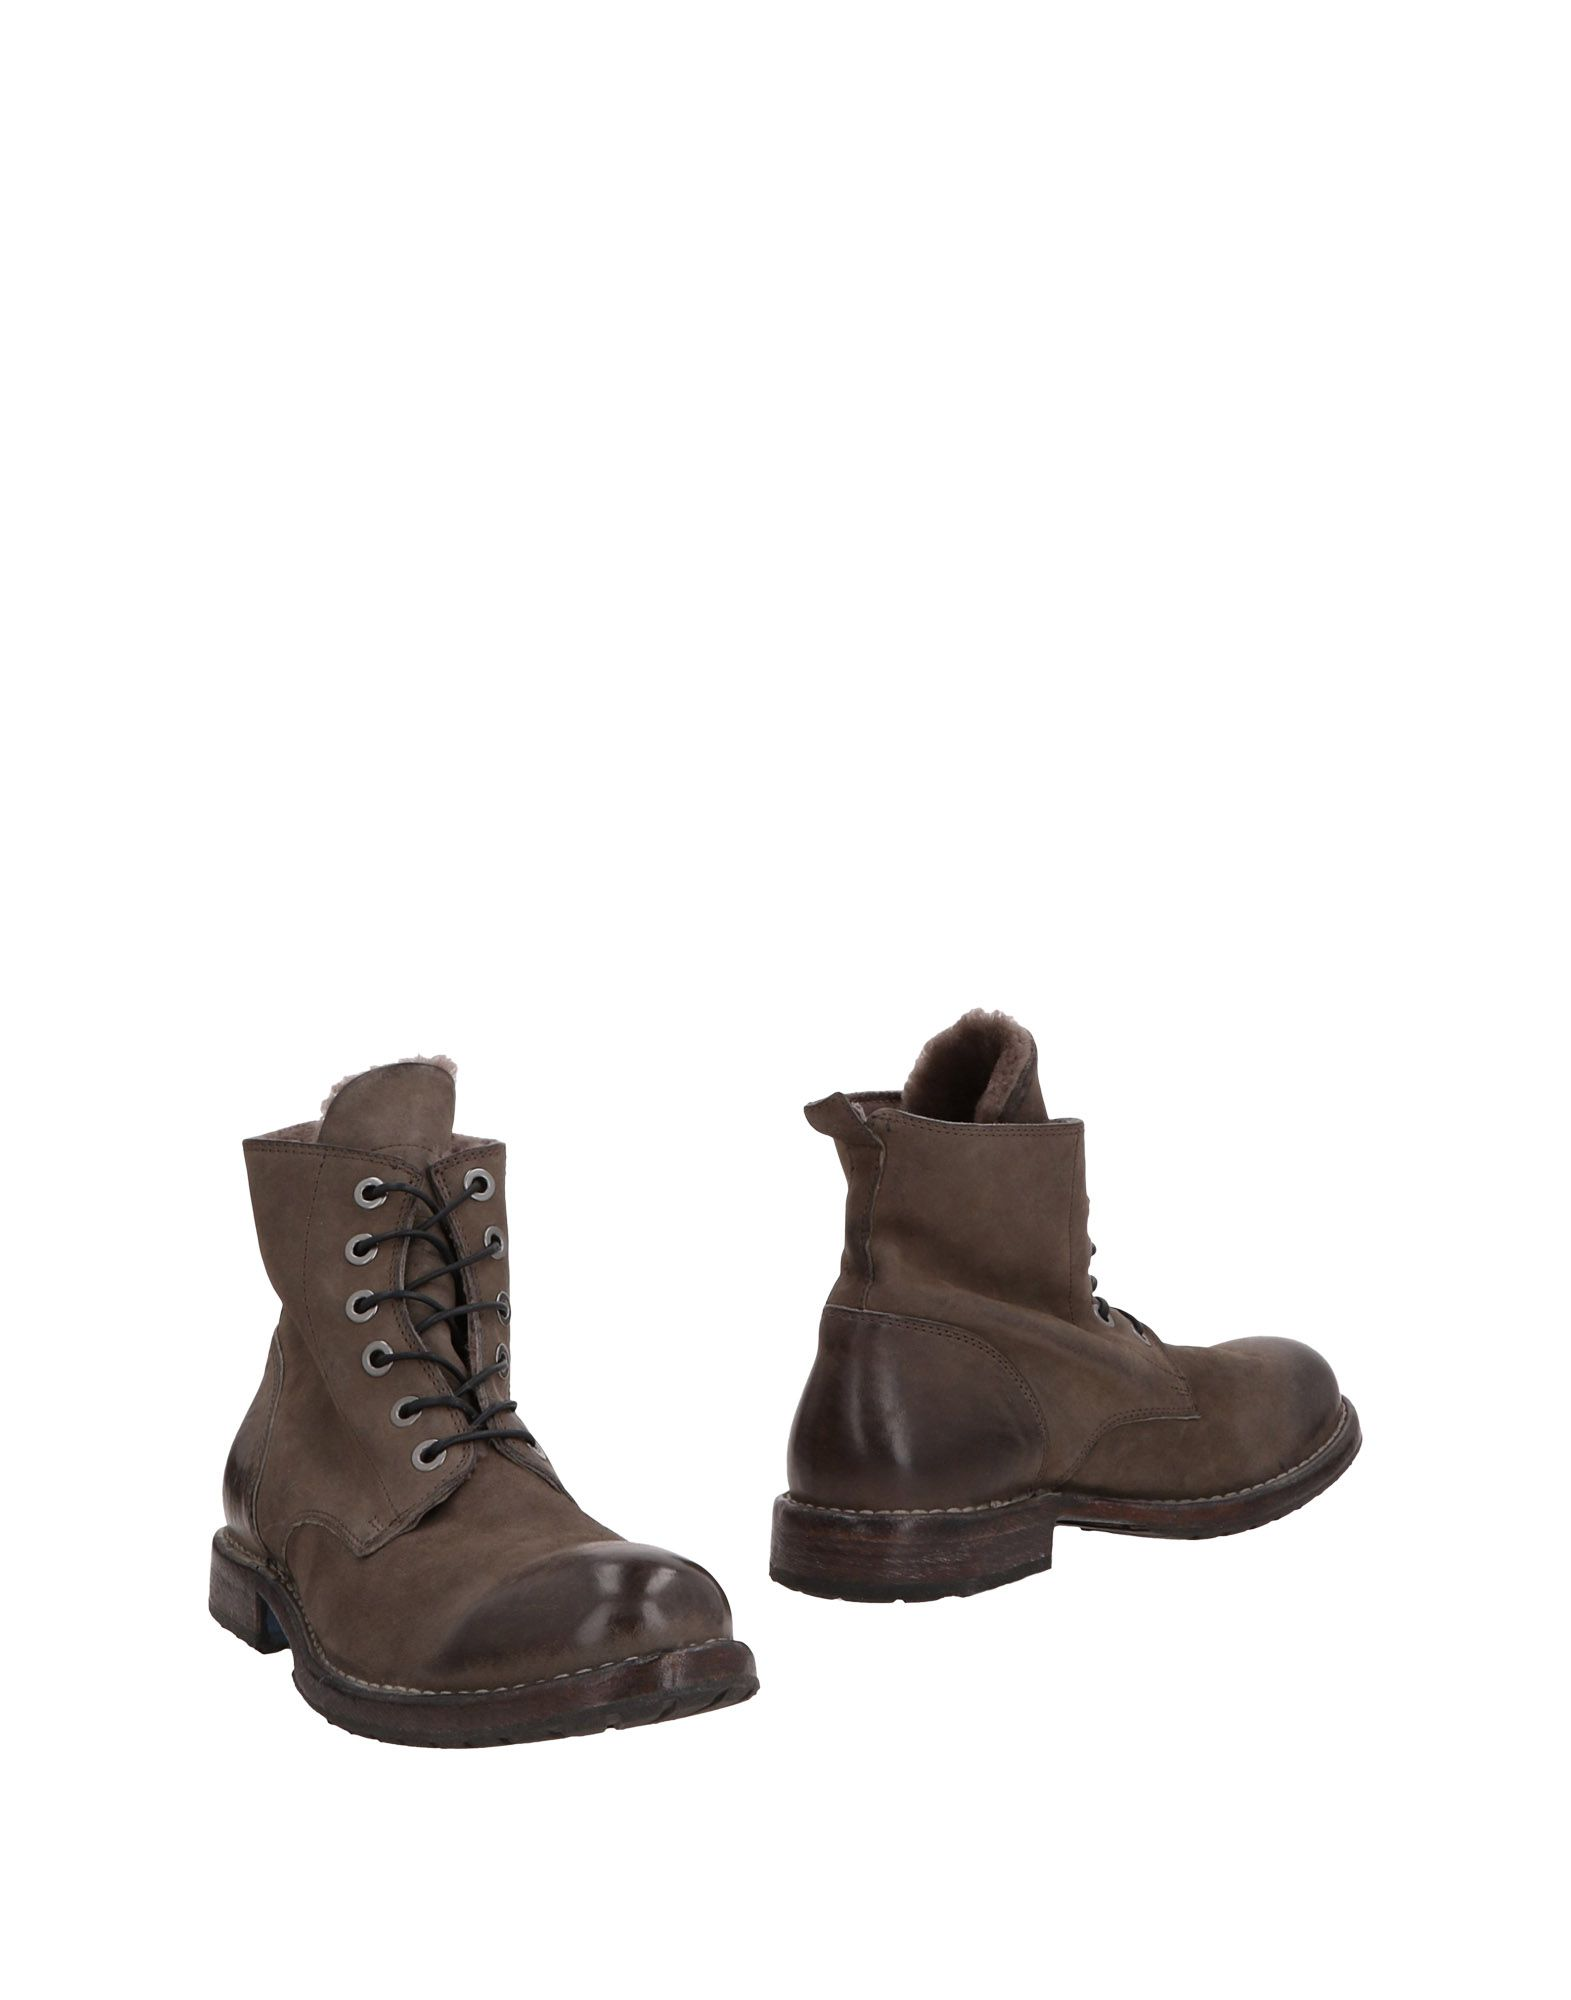 Moma Stiefelette Herren  11471683UX Gute Qualität beliebte Schuhe